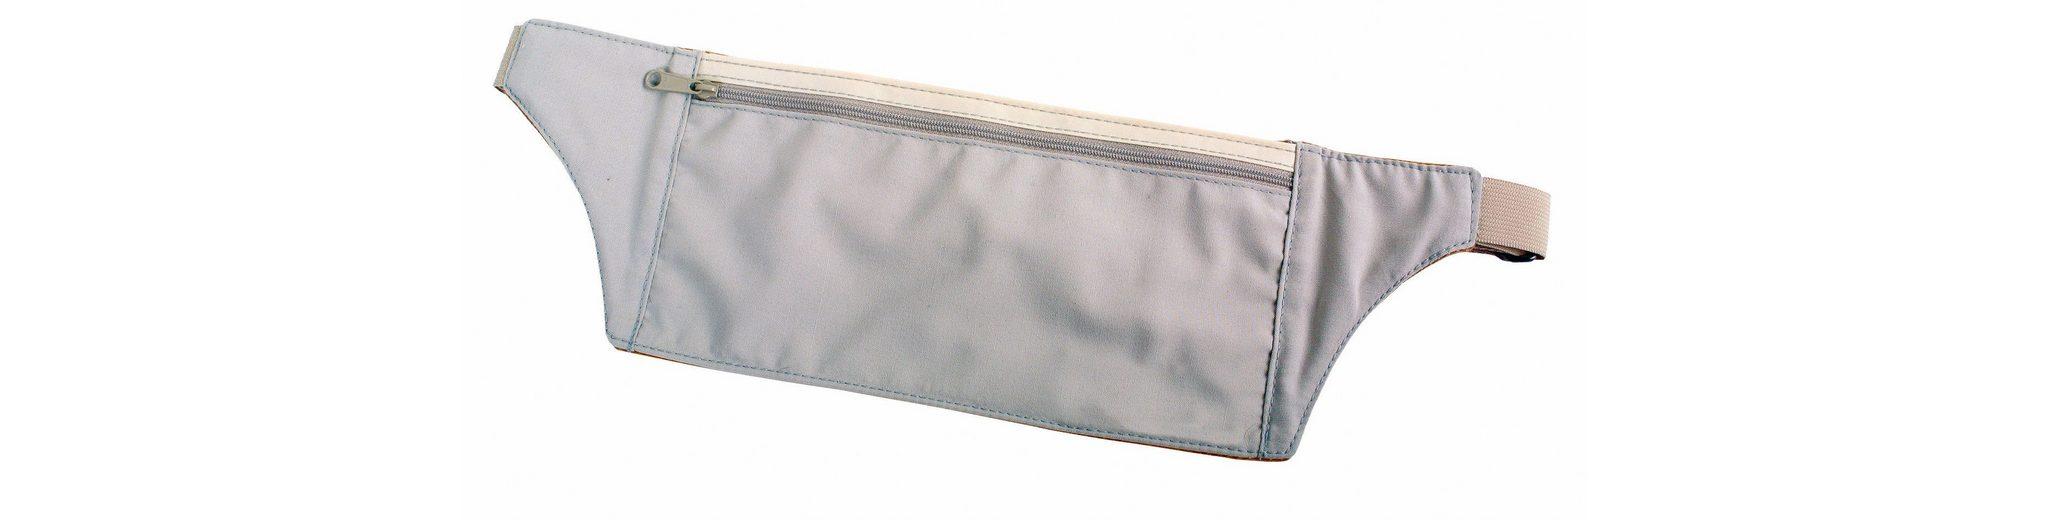 Basic Nature Wertsachenaufbewahrung »Undercover Travel Hüfttasche Seide«